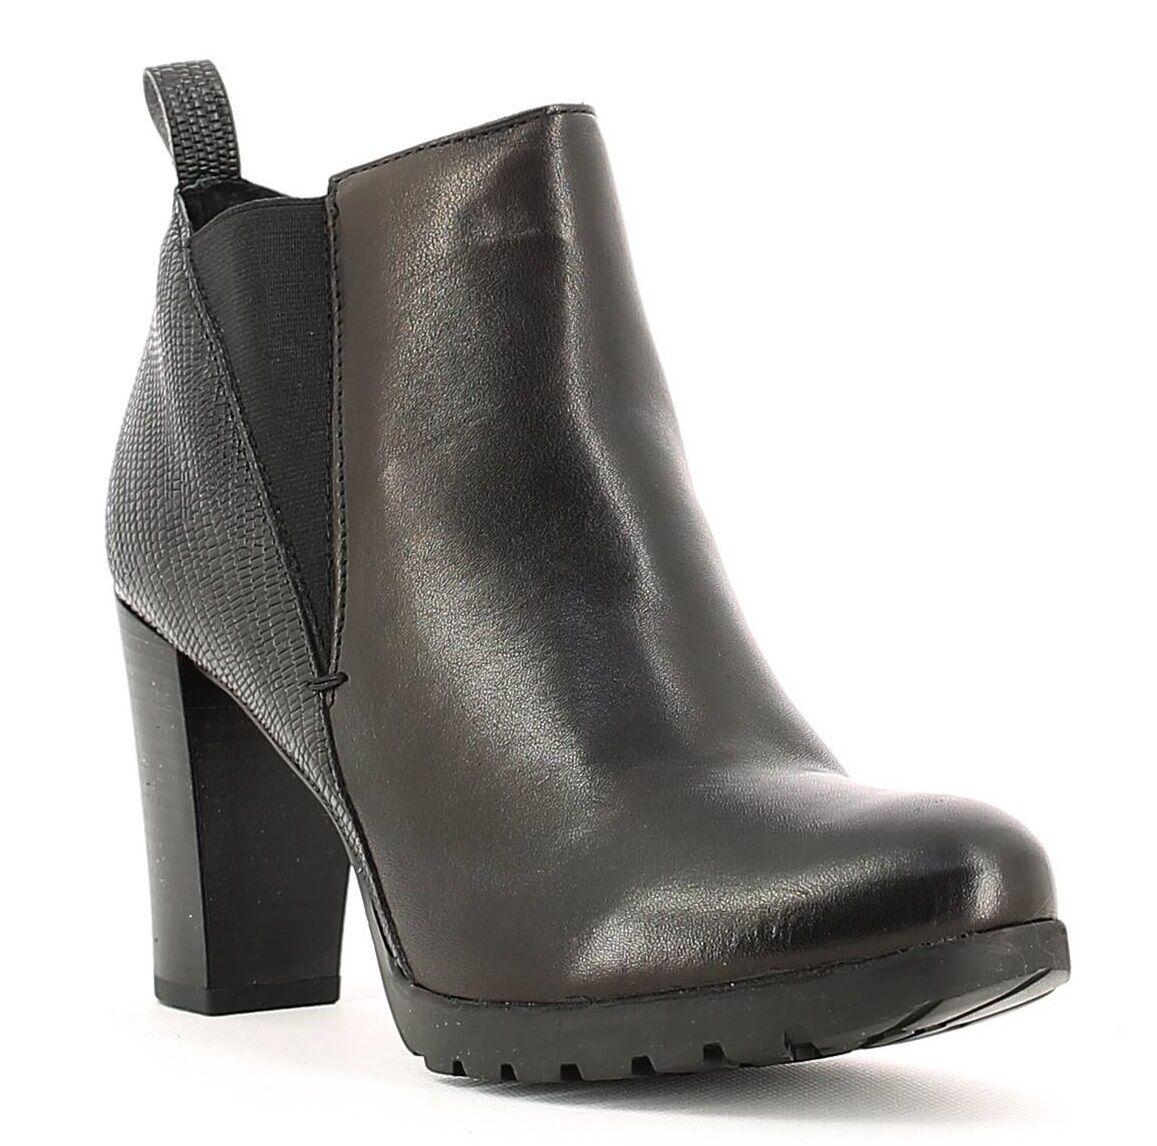 KEYS 1156 1156 1156 CUIR black shoes femme bottines à gros talon bottes compensé 1f42a8